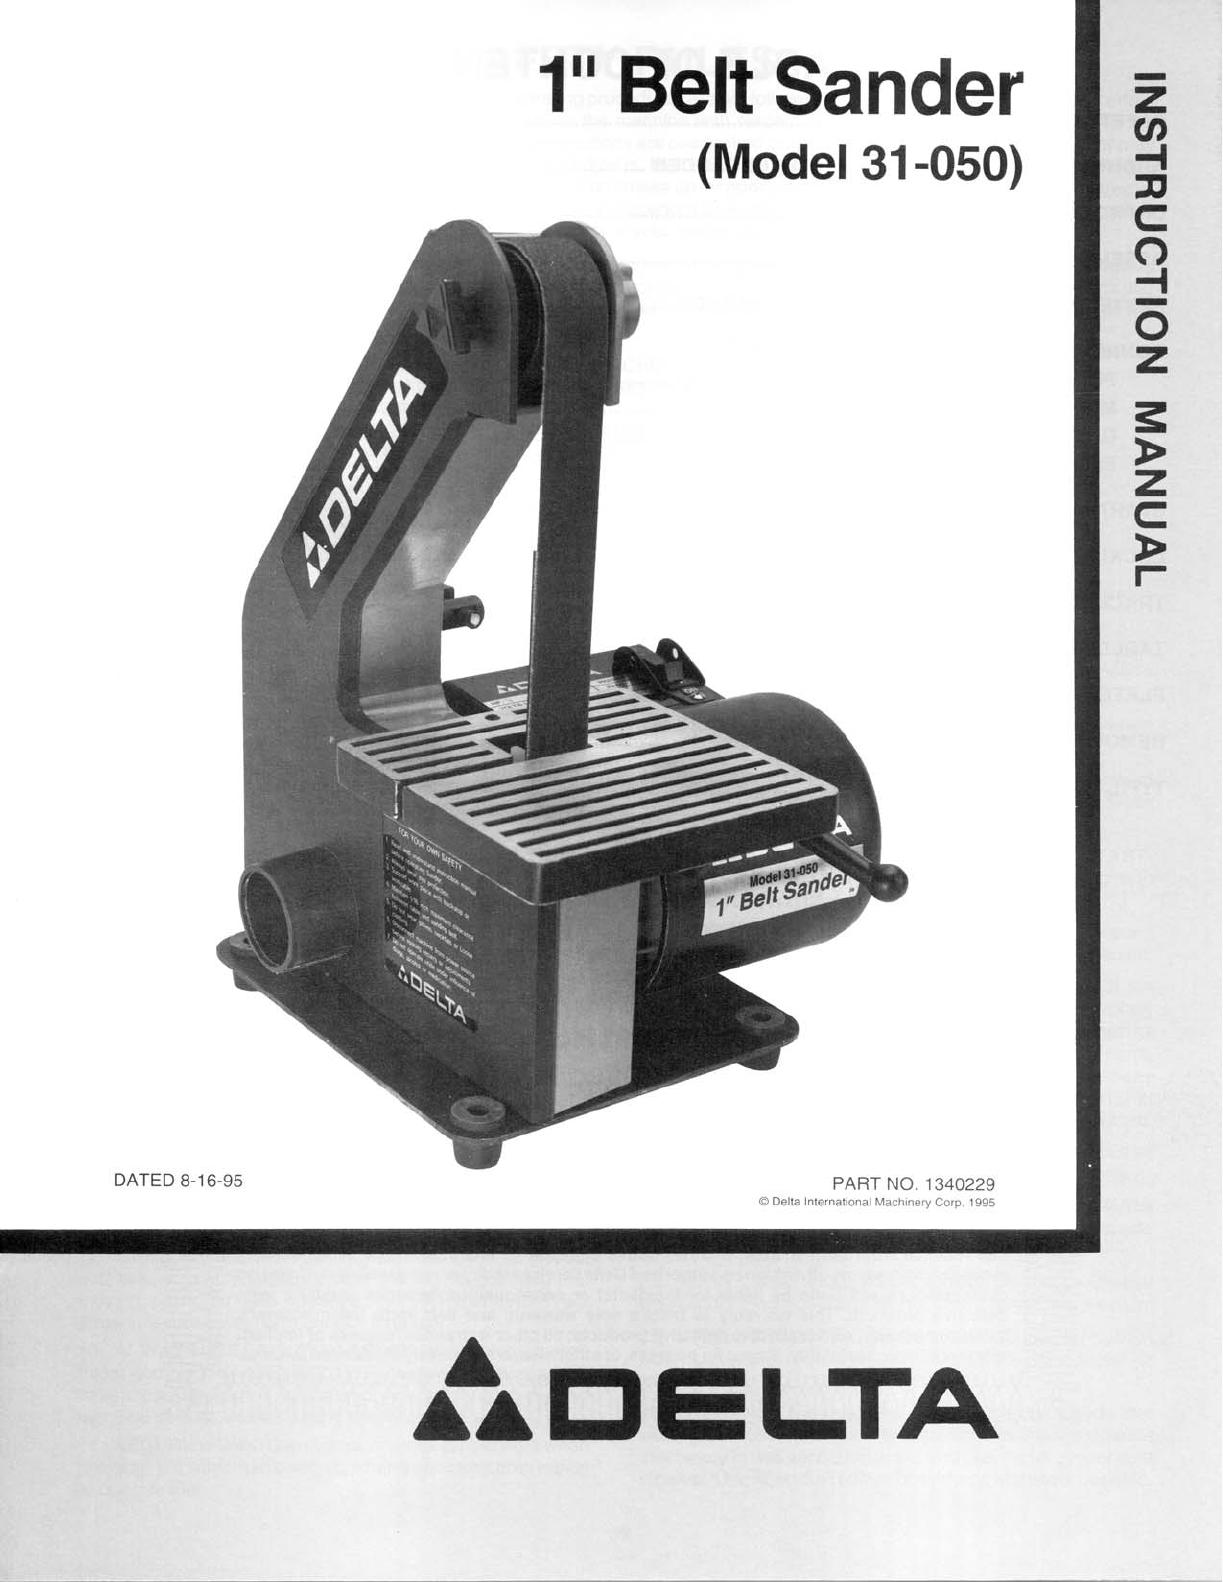 delta sander 31 050 user guide manualsonline com rh powertool manualsonline com bosch belt sander parts bosch belt sander 1274dvs parts